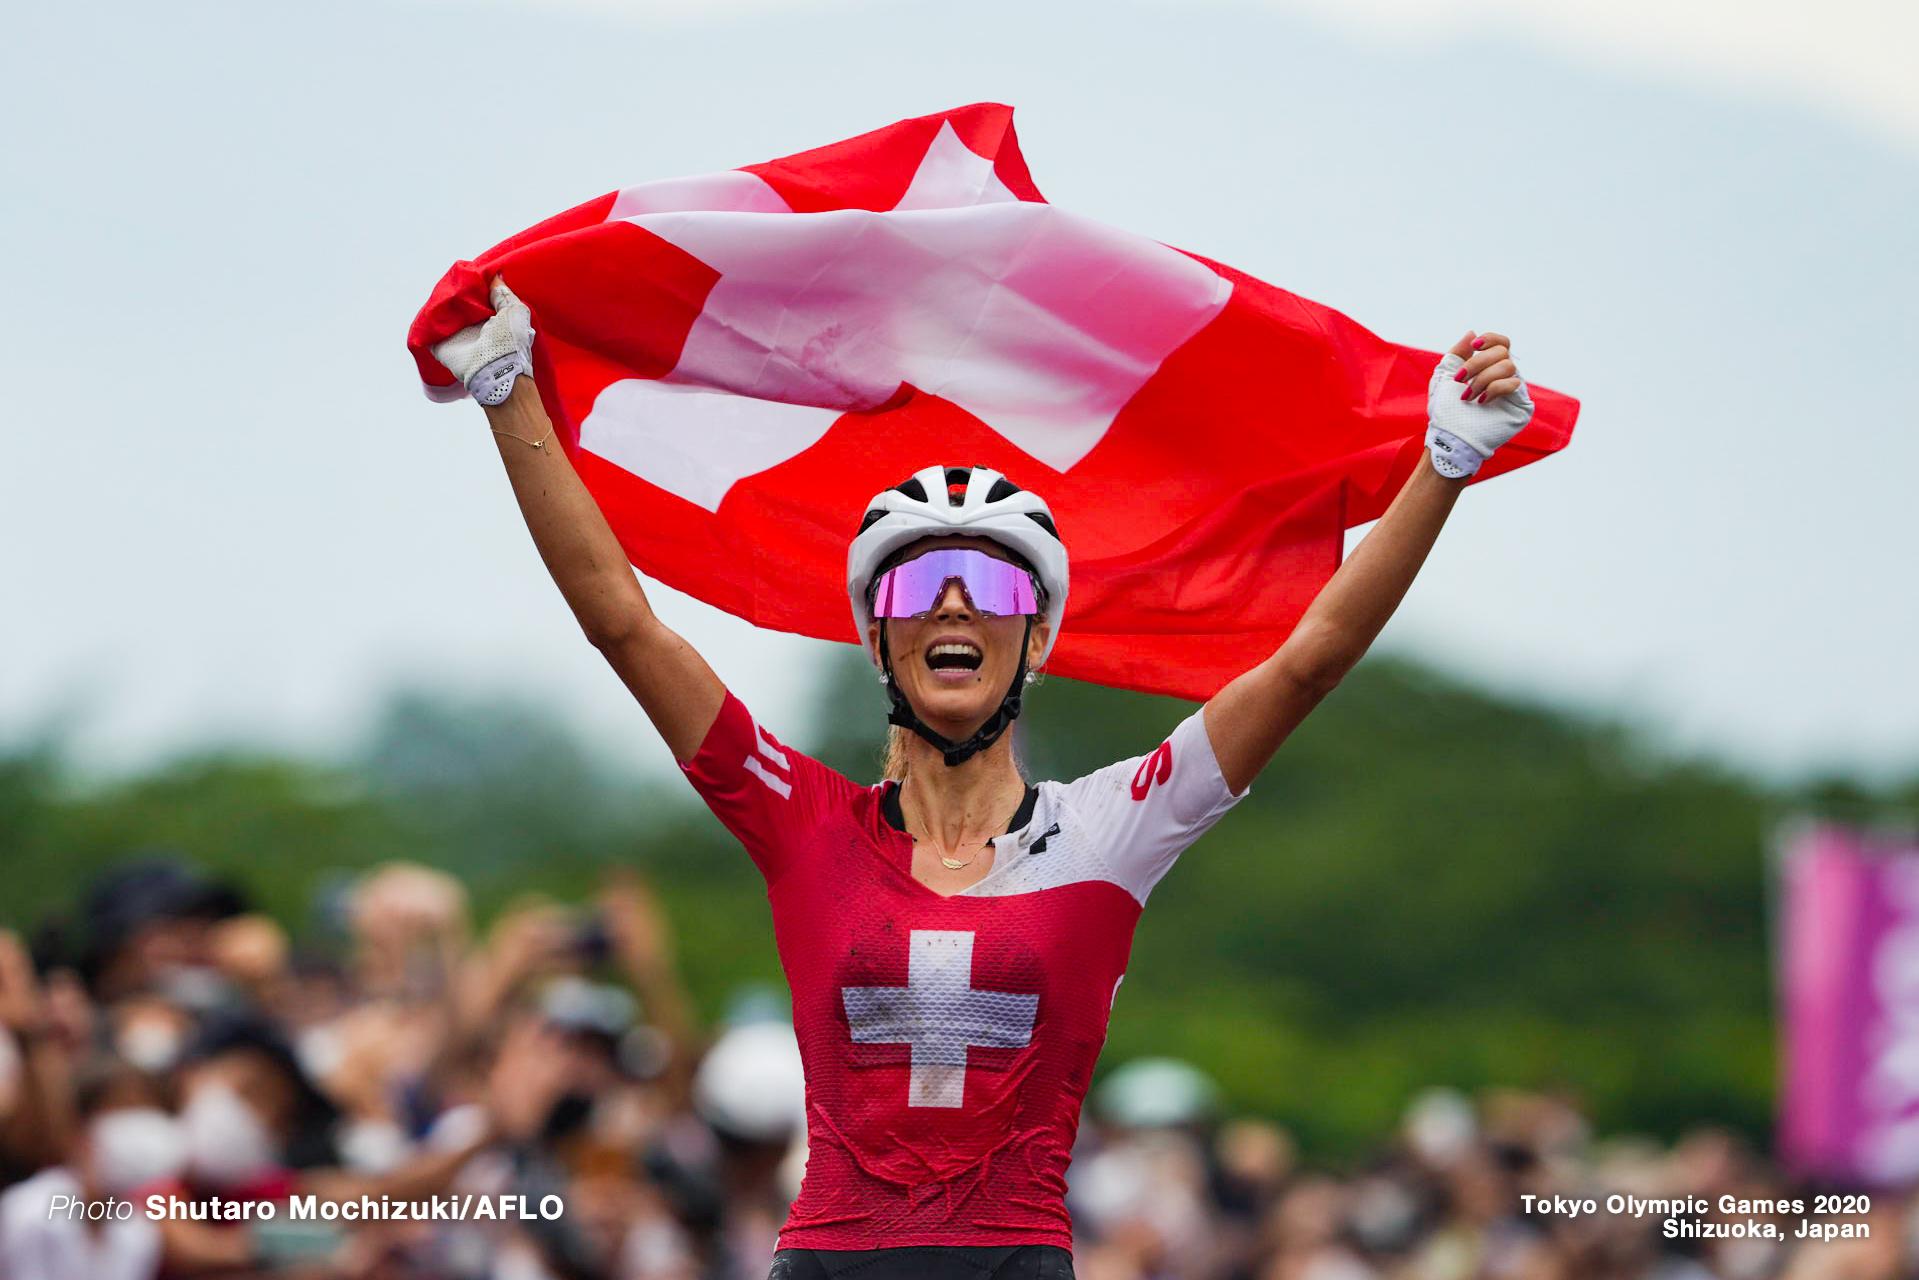 ヨランダ・ネフ Jolanda Neff (SUI), JULY 27, 2021 - Cycling : Women's Cross-country during the Tokyo 2020 Olympic Games at the Izu MTB Course in Shizuoka, Japan. (Photo by Shutaro Mochizuki/AFLO)